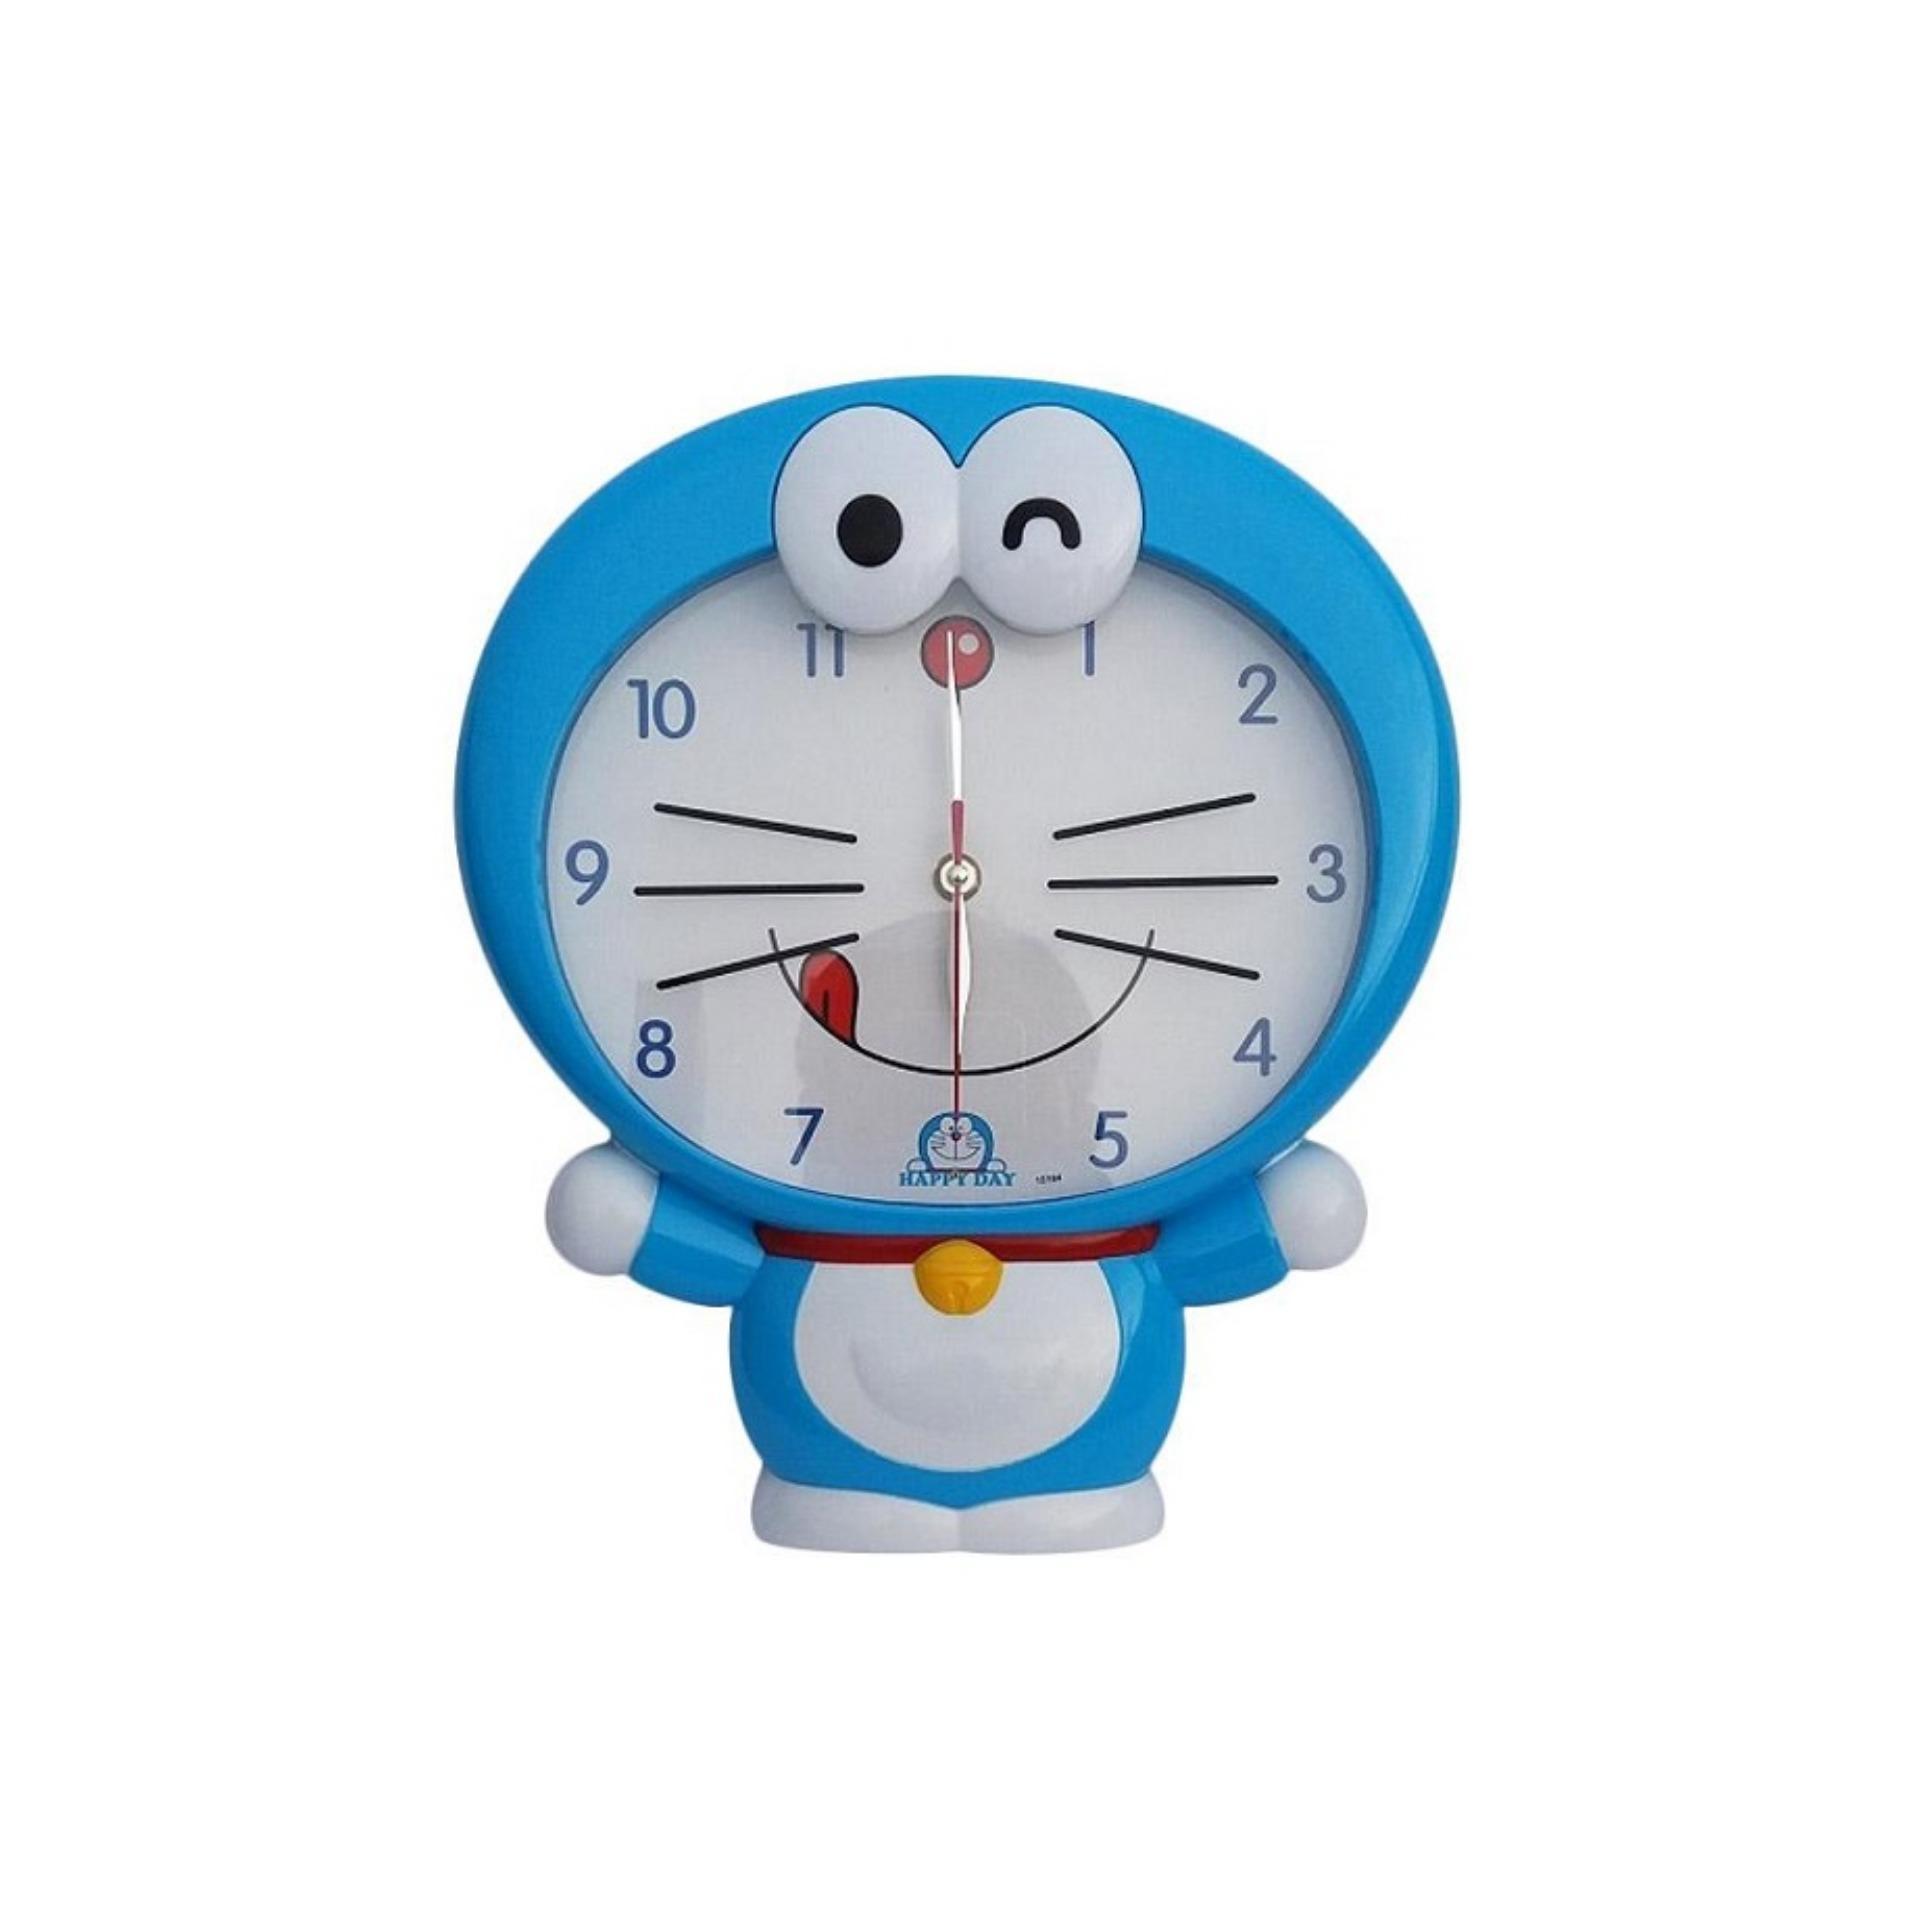 Jual Jam Rumah Terbaru Weker Mobil Antik Lucu Unik Koleksi Jaman Dulu Doraemon Full Body Karakter Dinding De 5164